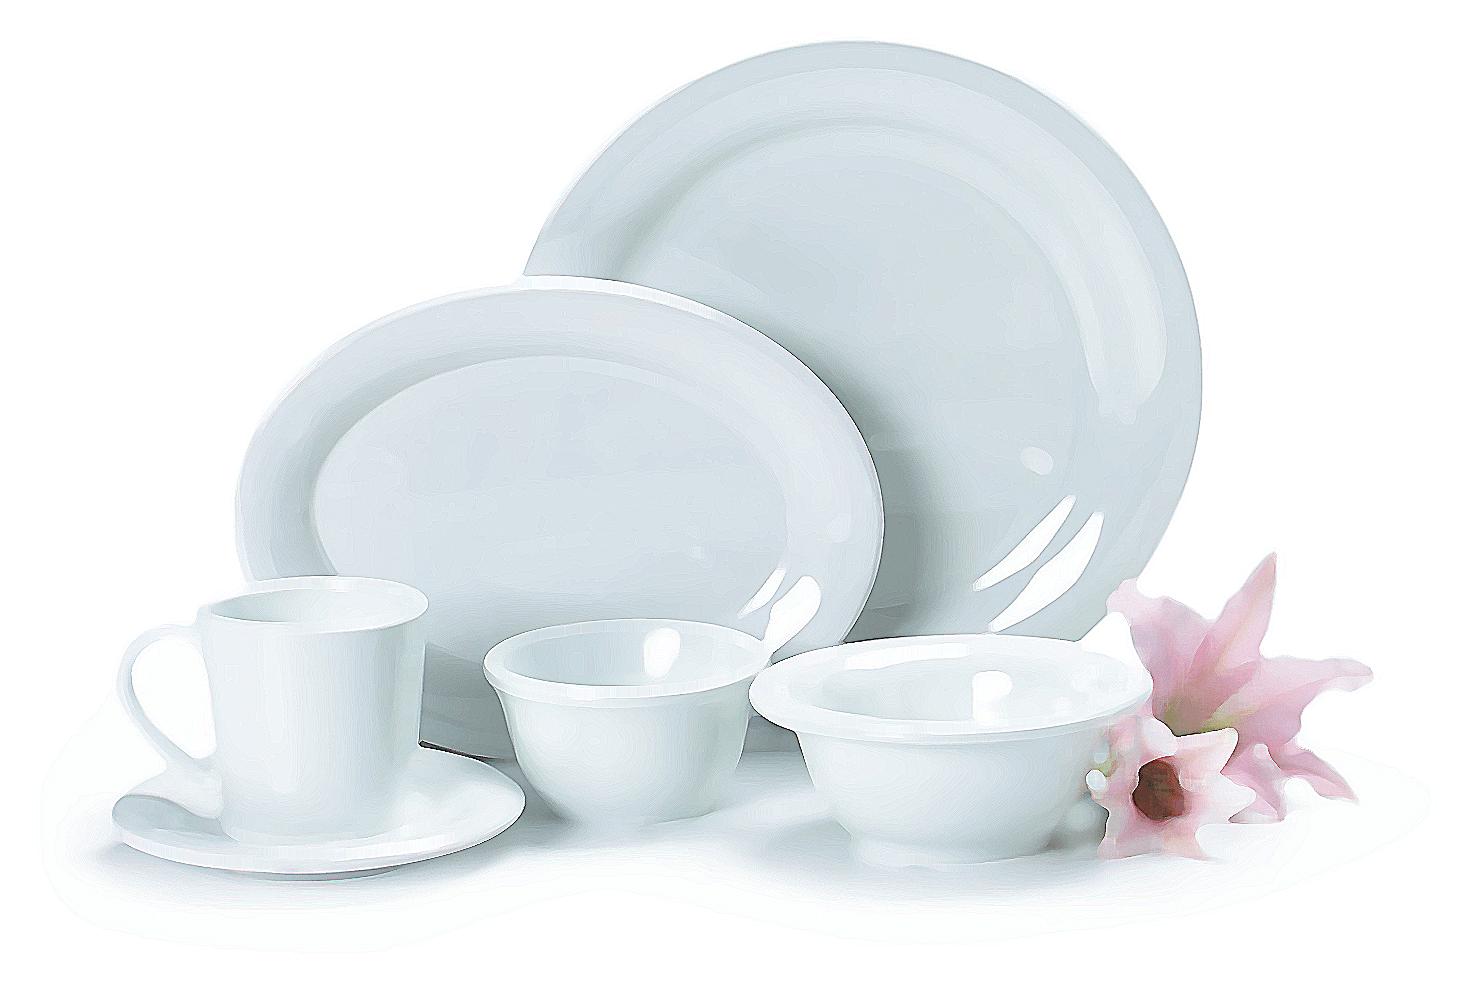 limpiar platos con bicarbonato